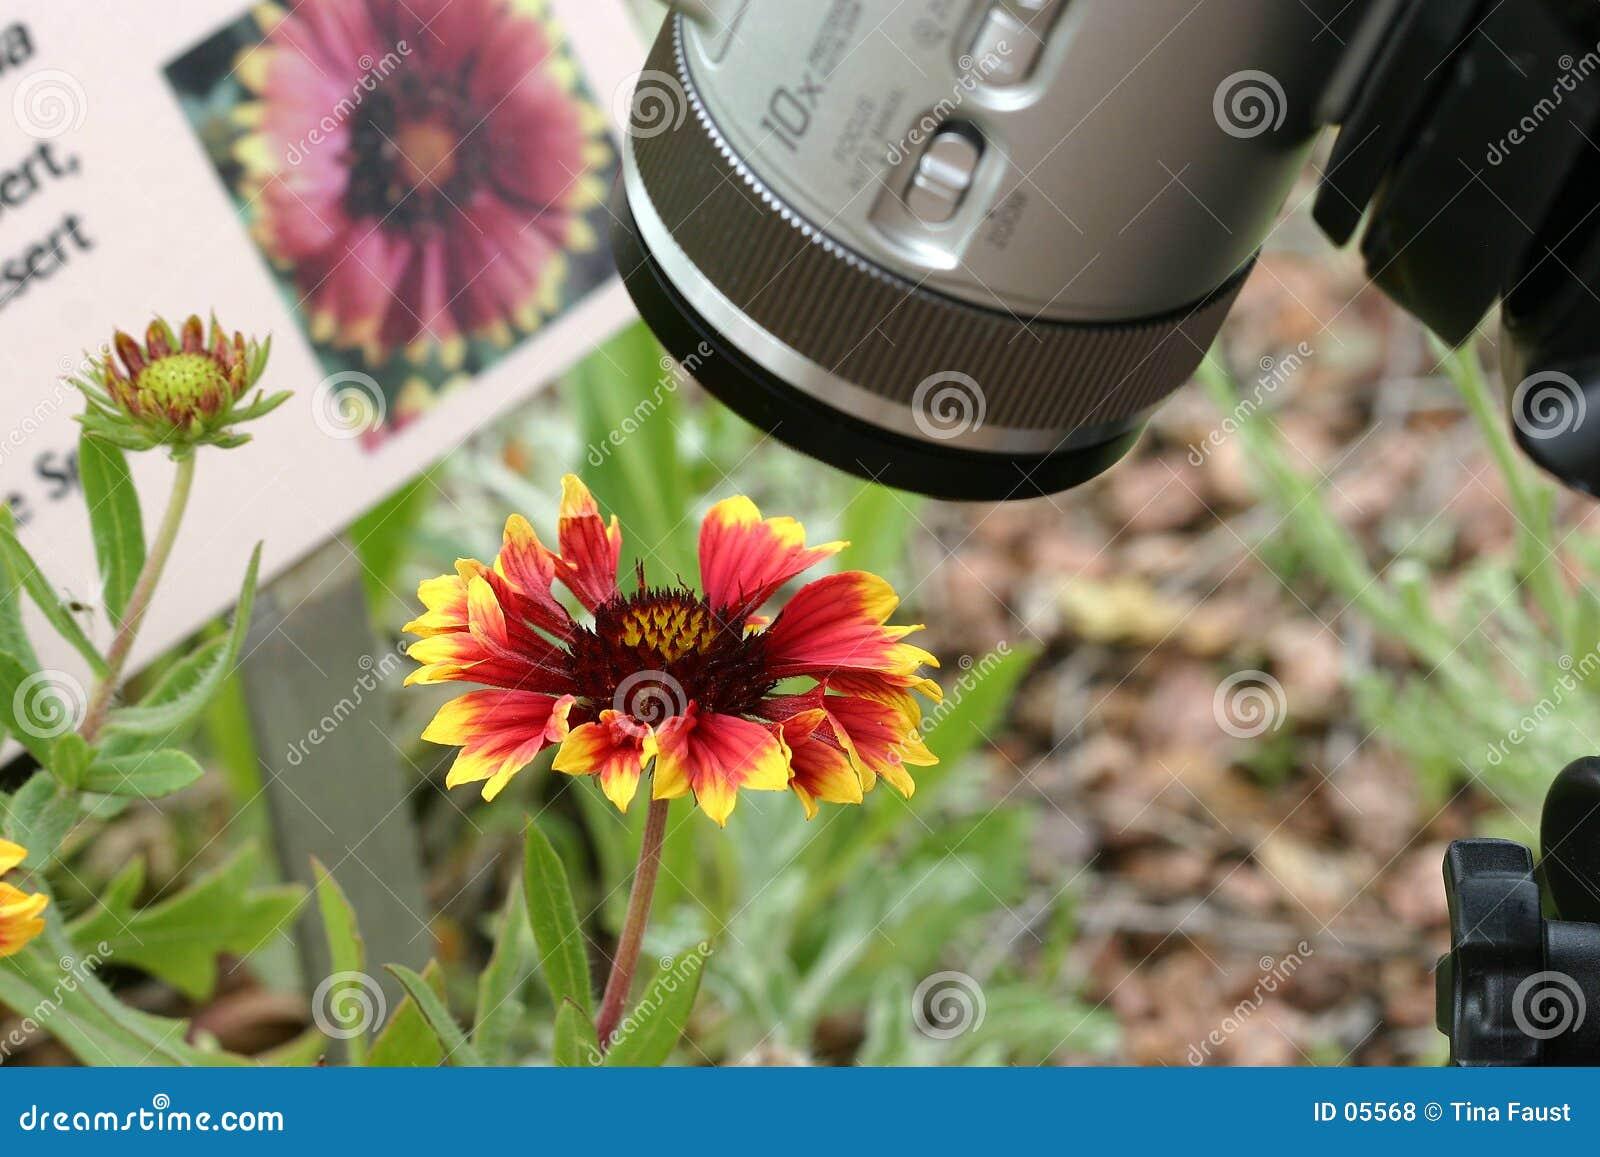 Fotografstudy